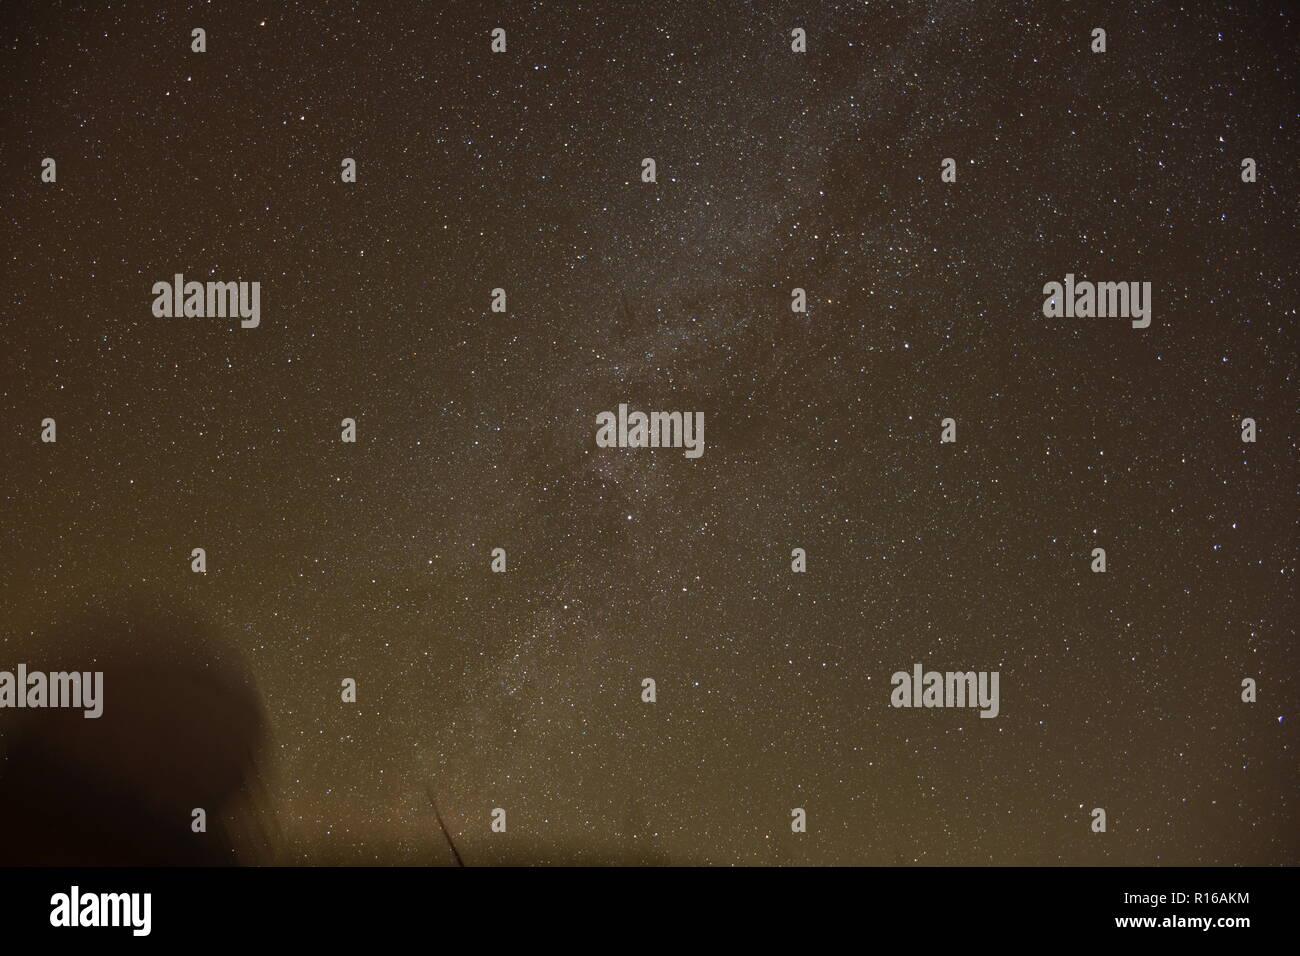 Nacht, Nachthimmel, Milchstraße, Stern, Sterne, Dunkelheit, Lichtverschmutzung, Polarstern, Bewegung, Zeit, Herbst, Winter, Osttirol, Iseltal, Oberlei - Stock Image